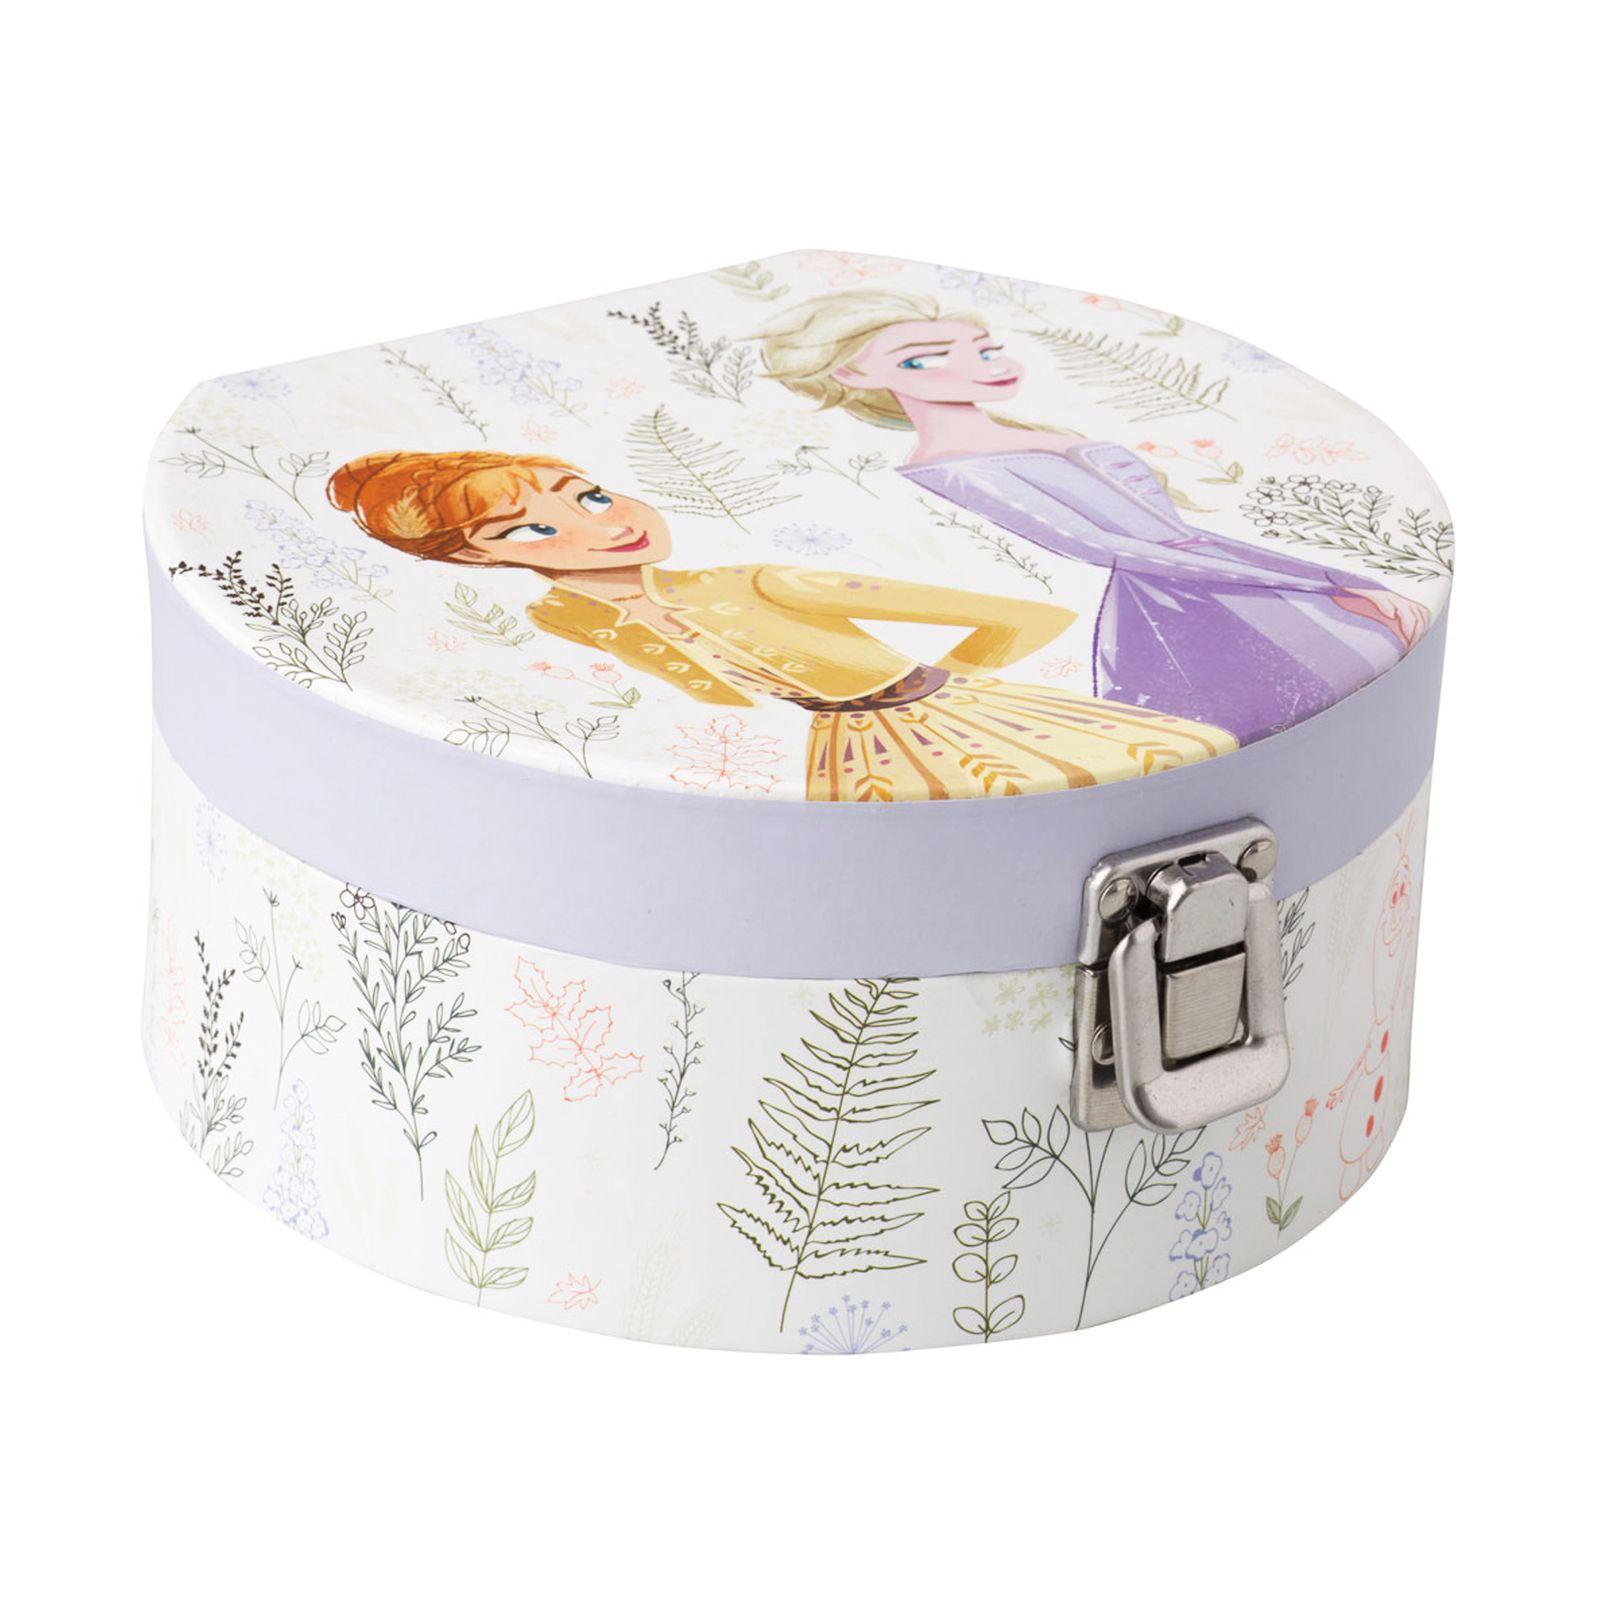 Velká krabička se zrcadlem Frozen II Herbal 17 x 15,5 x 8 cm DISNEY